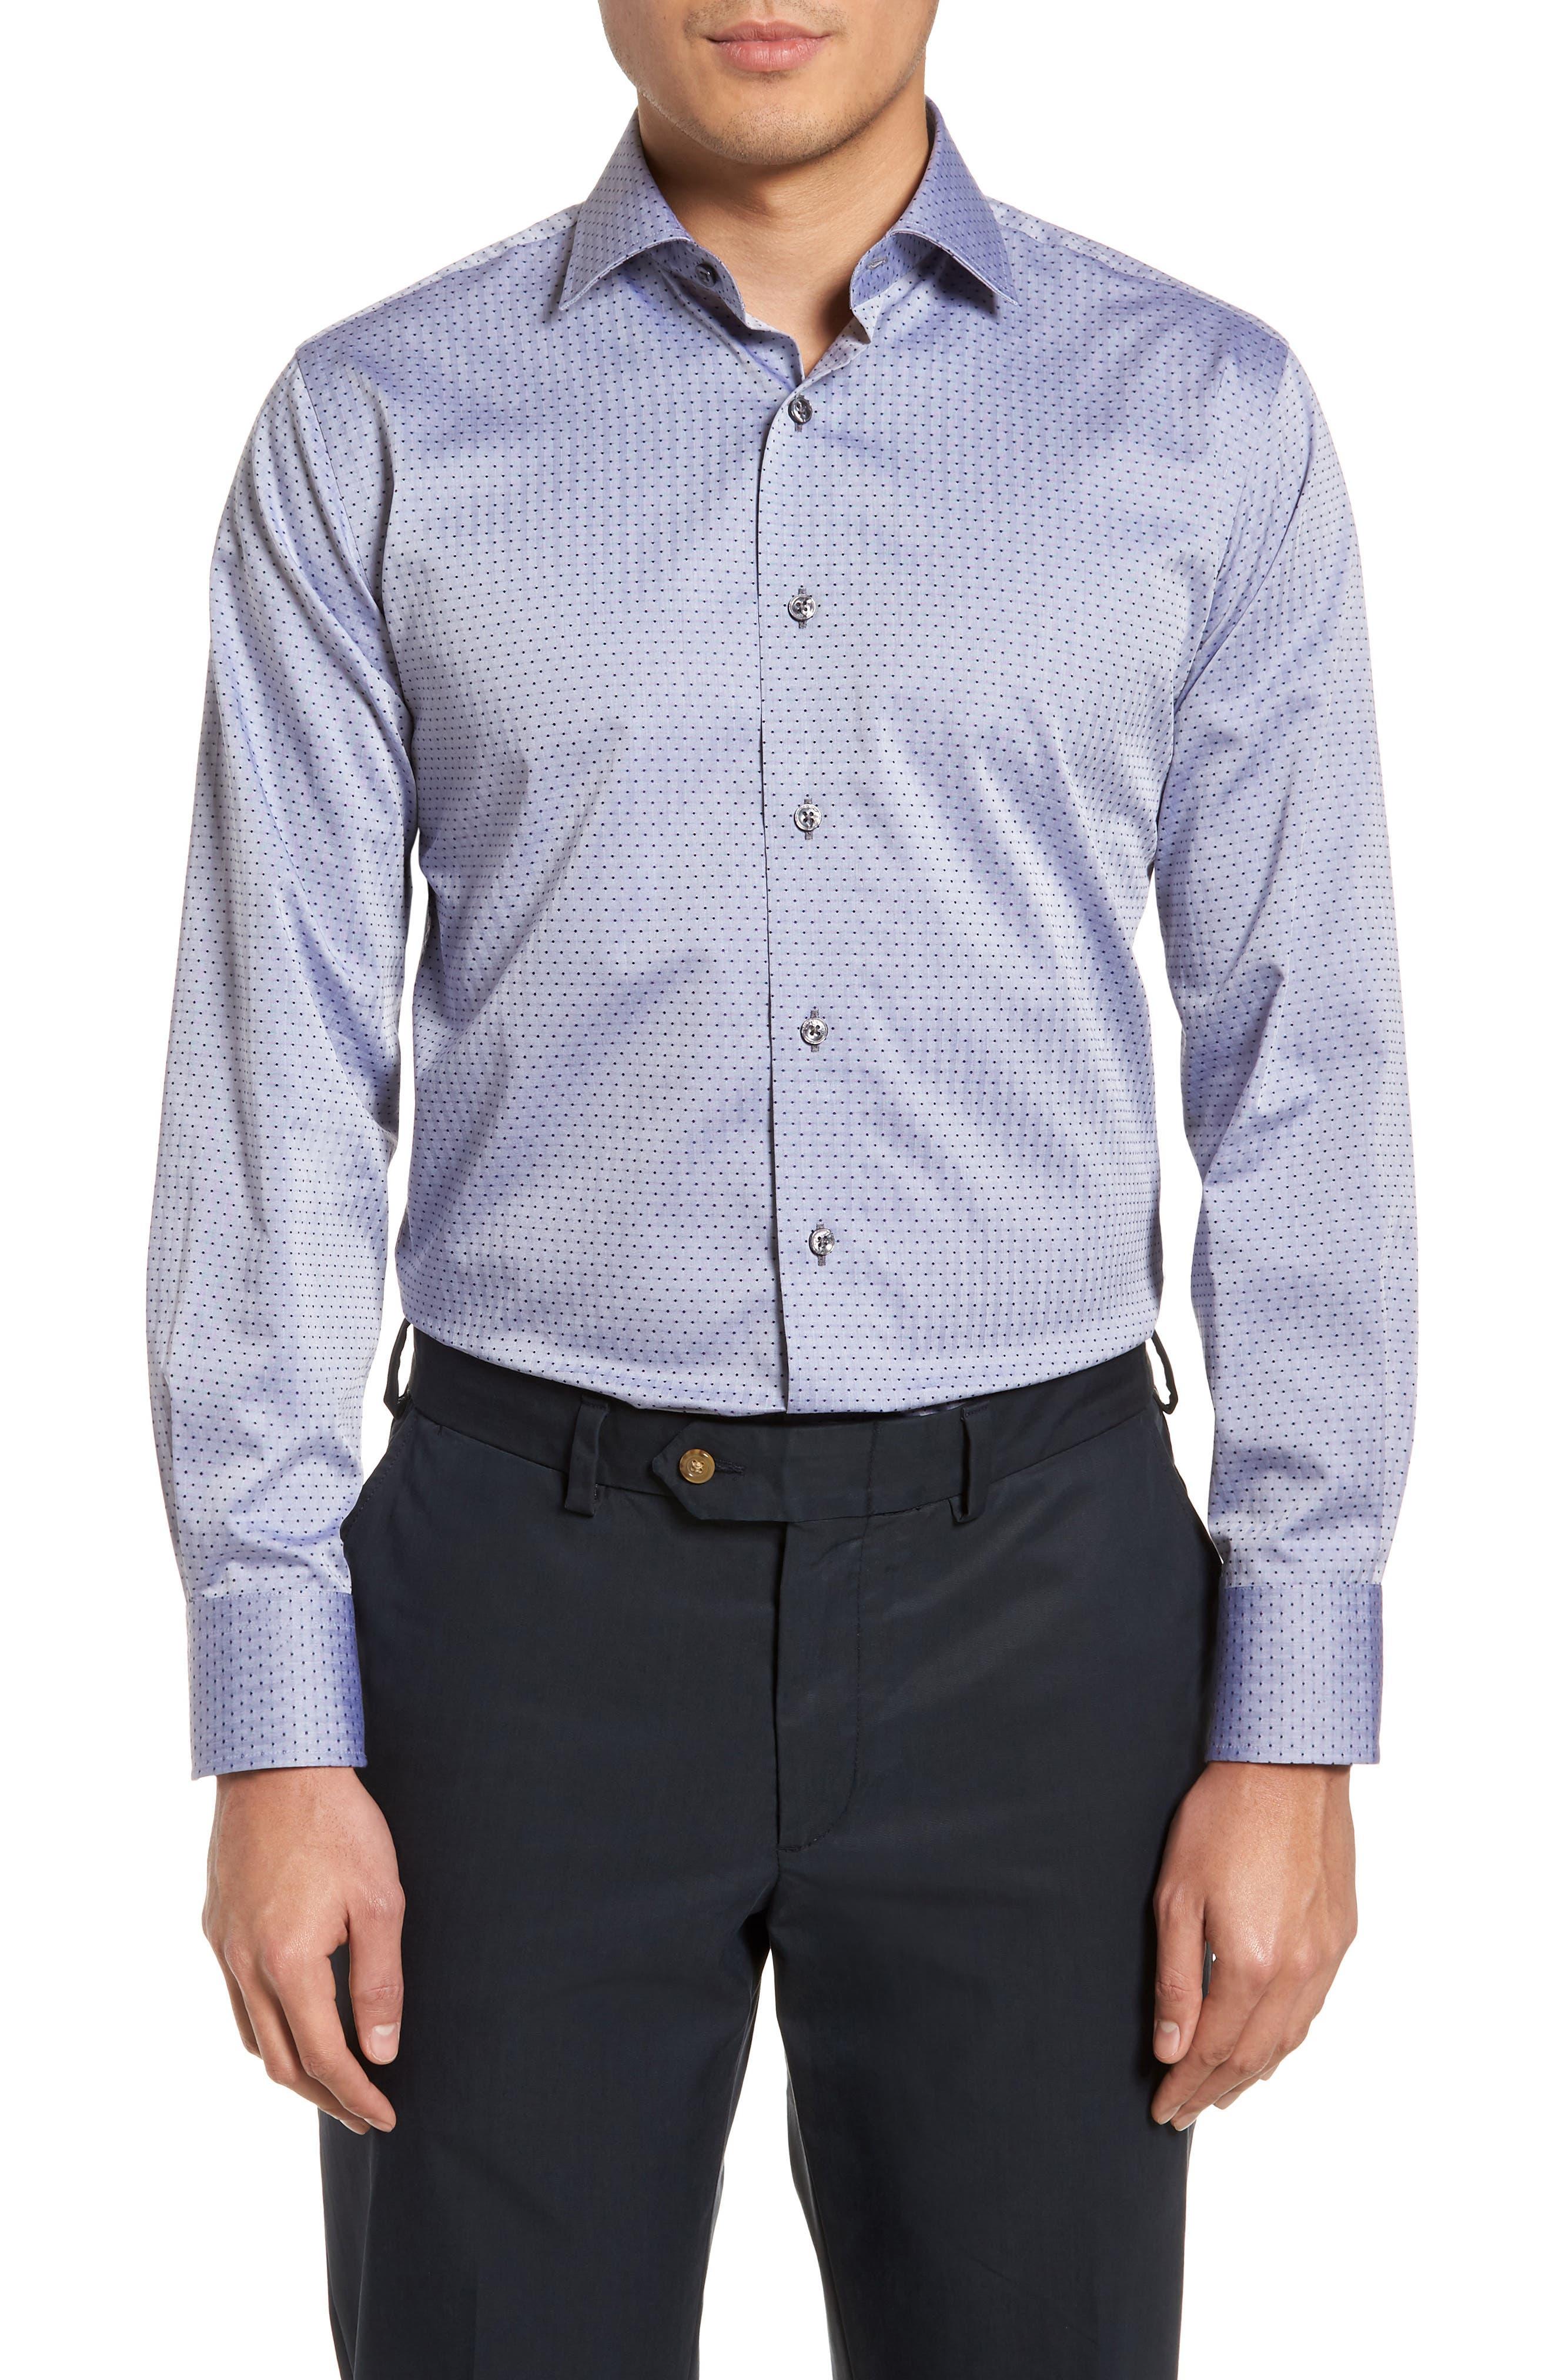 Pin Dot Dress Shirt,                             Main thumbnail 1, color,                             NAVY/ GREY